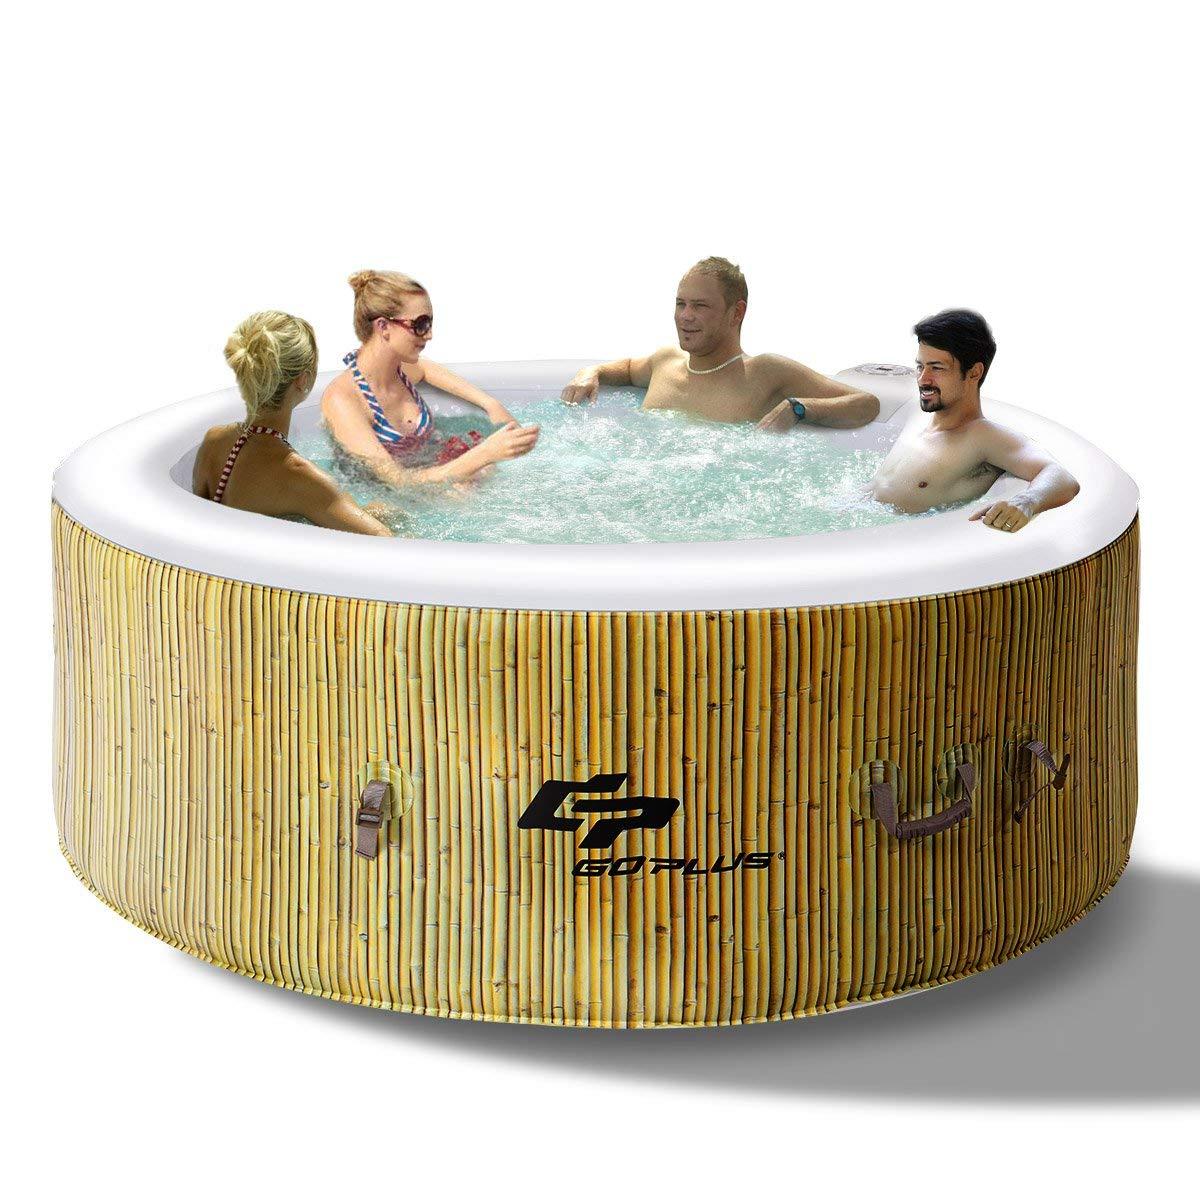 Comment Fonctionne Un Jacuzzi Gonflable comment choisir un spa 4 places - guide d'achat : spa gonflable